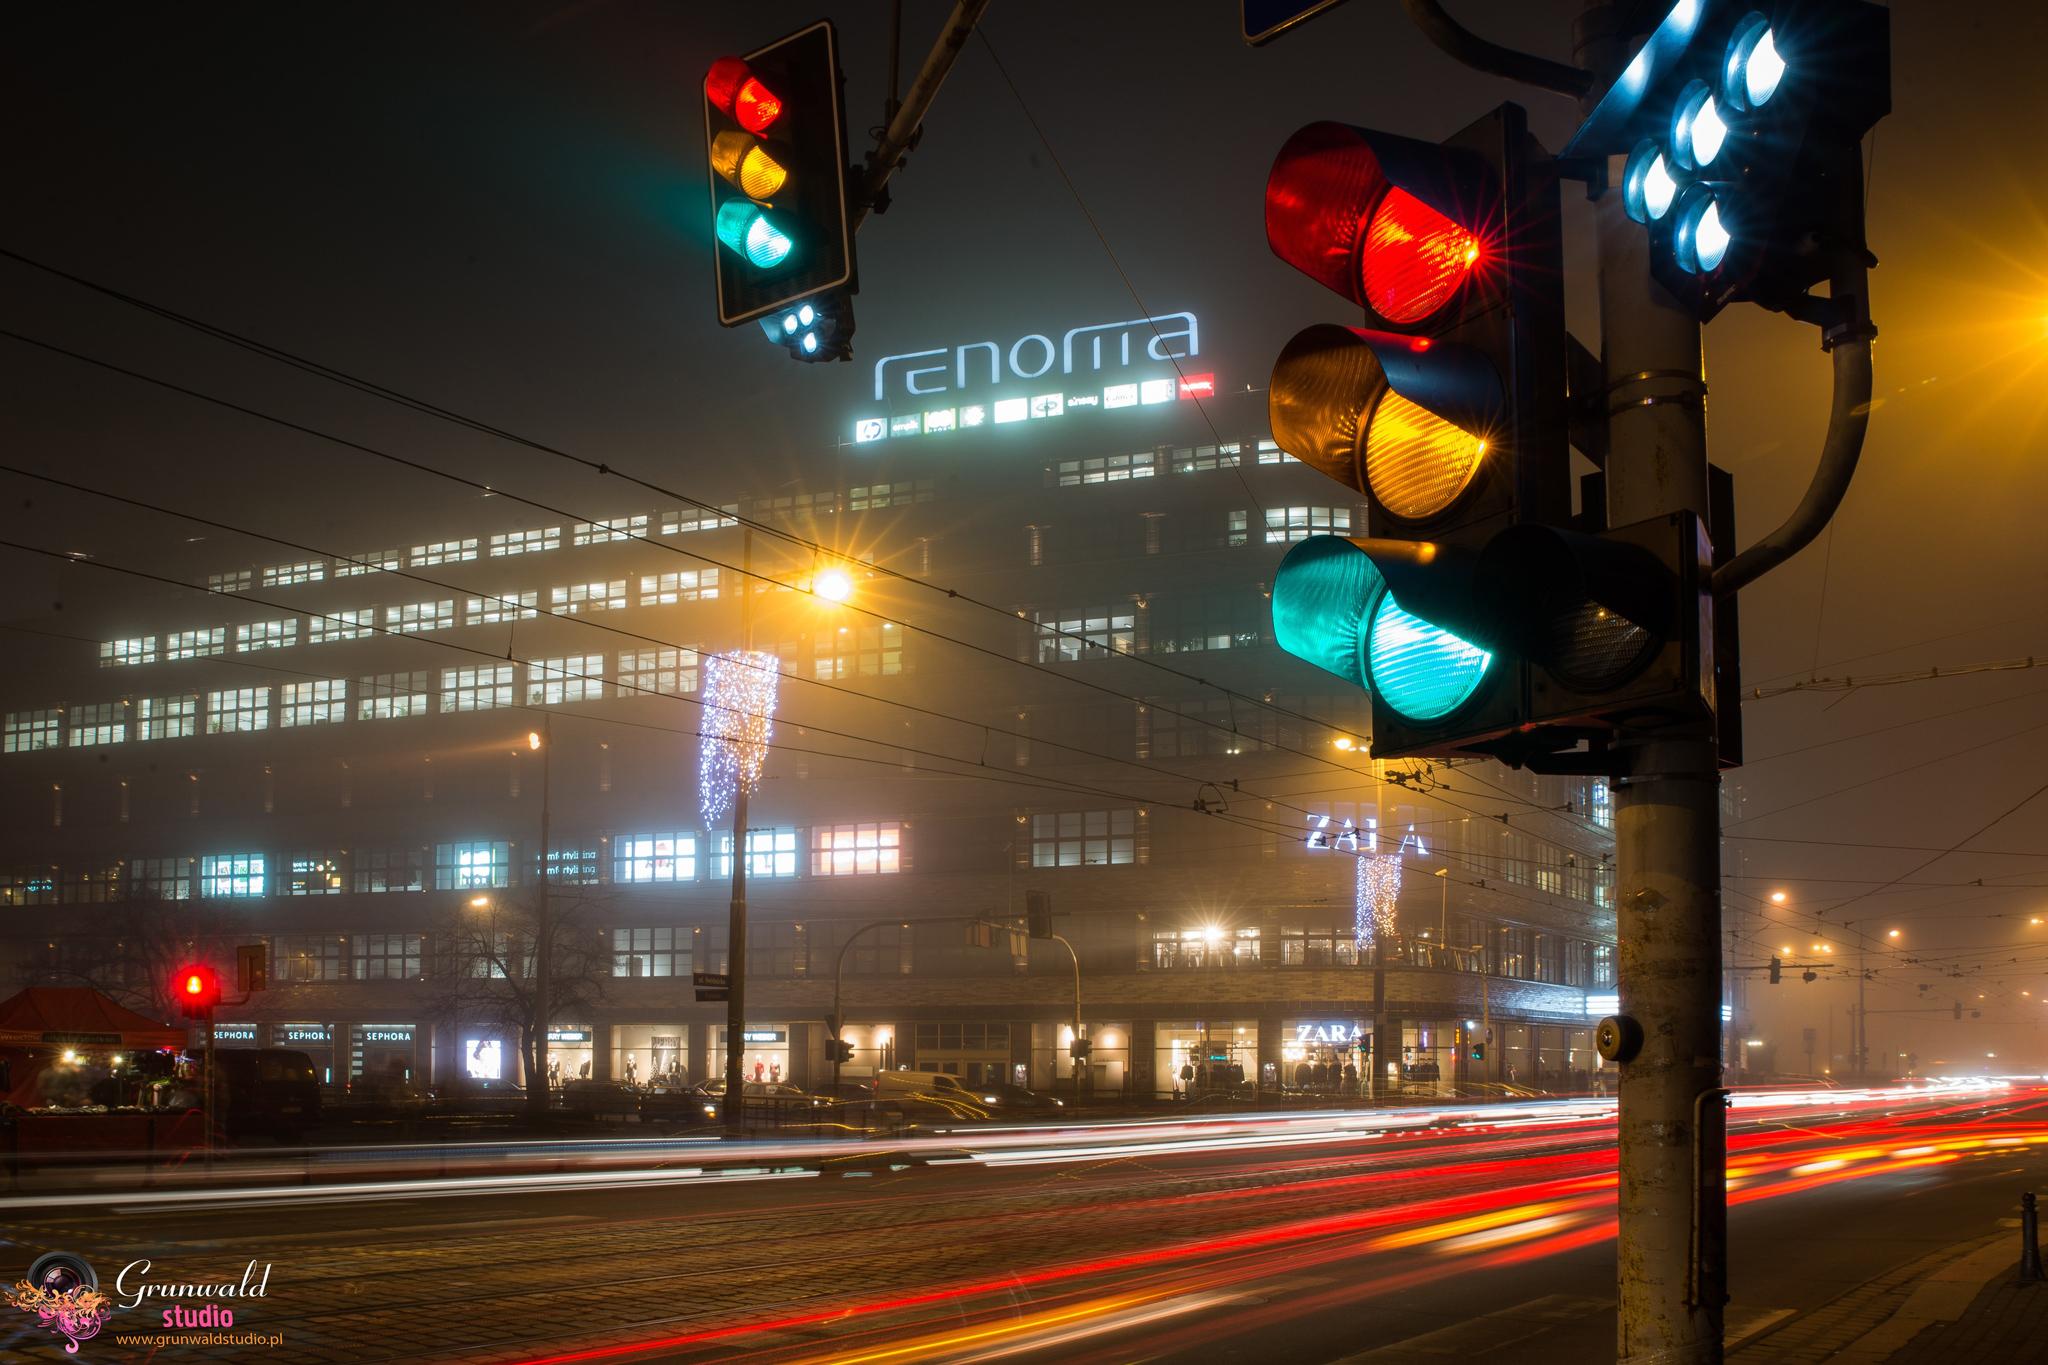 Kurs Fotograficzny Wrocław z Grunwald Studio Grudzień 10